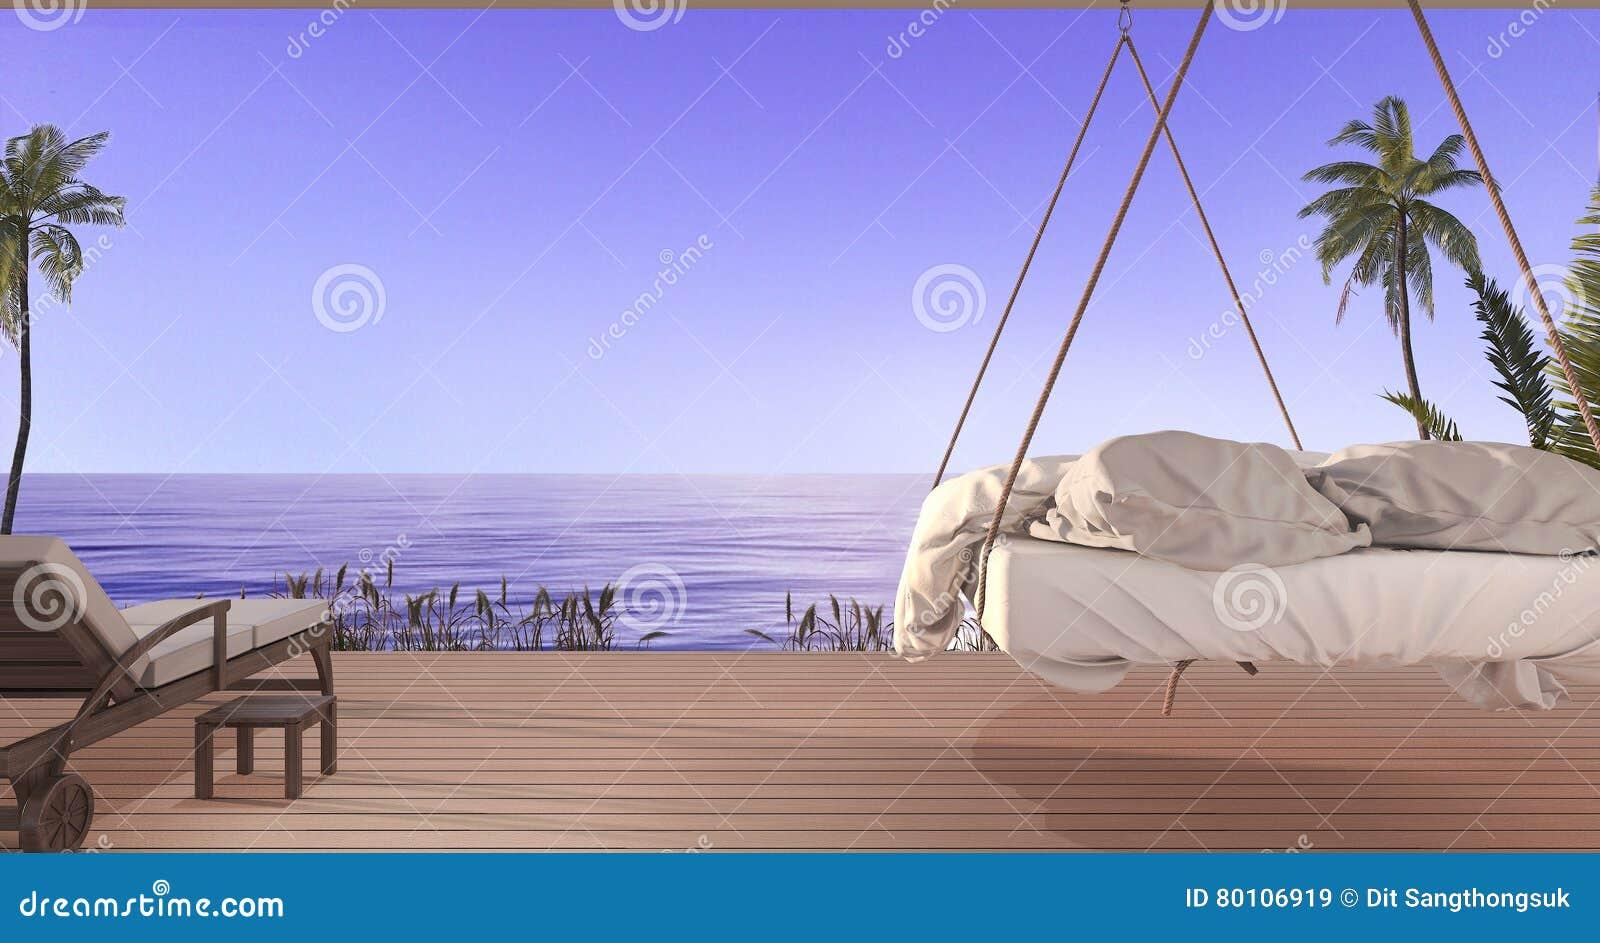 Schön Hängendes Bett Beste Wahl 3d, Das Schönes Hängendes Auf Terrasse Nahe